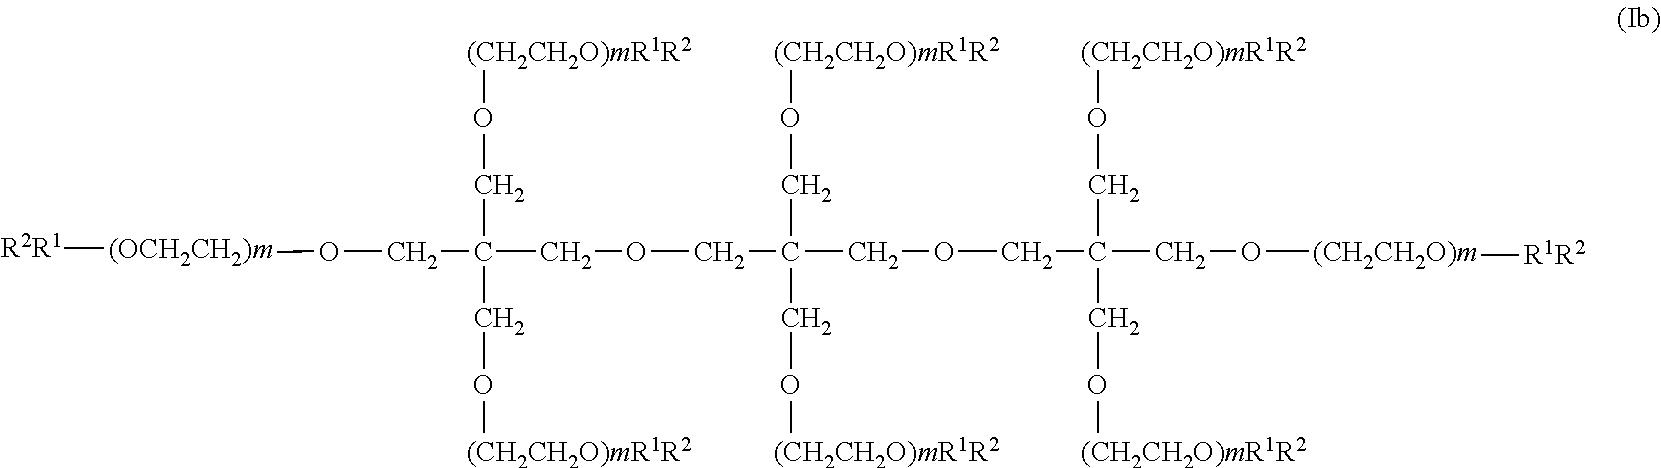 Figure US20170145112A1-20170525-C00013